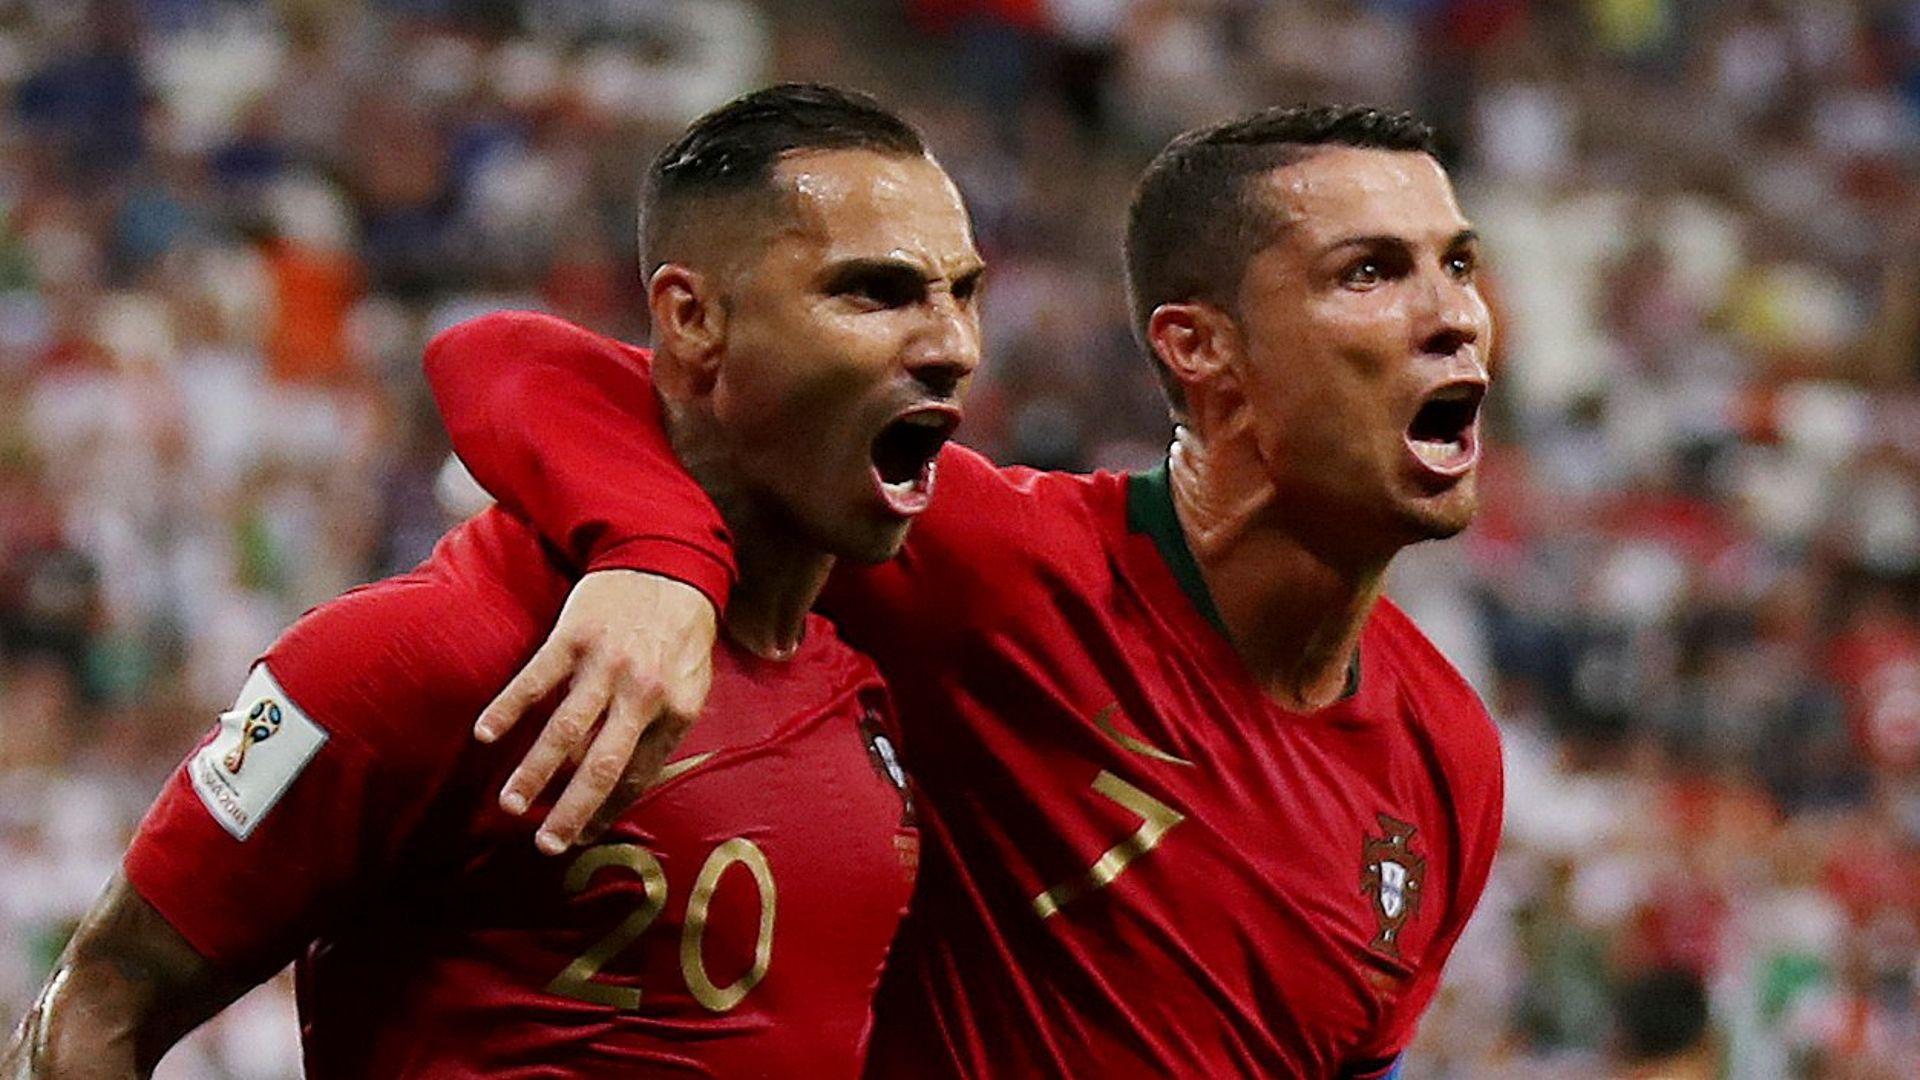 Куарежма и Роналду празднуют красивый гол за сборную Португалии (Куарежма слева)